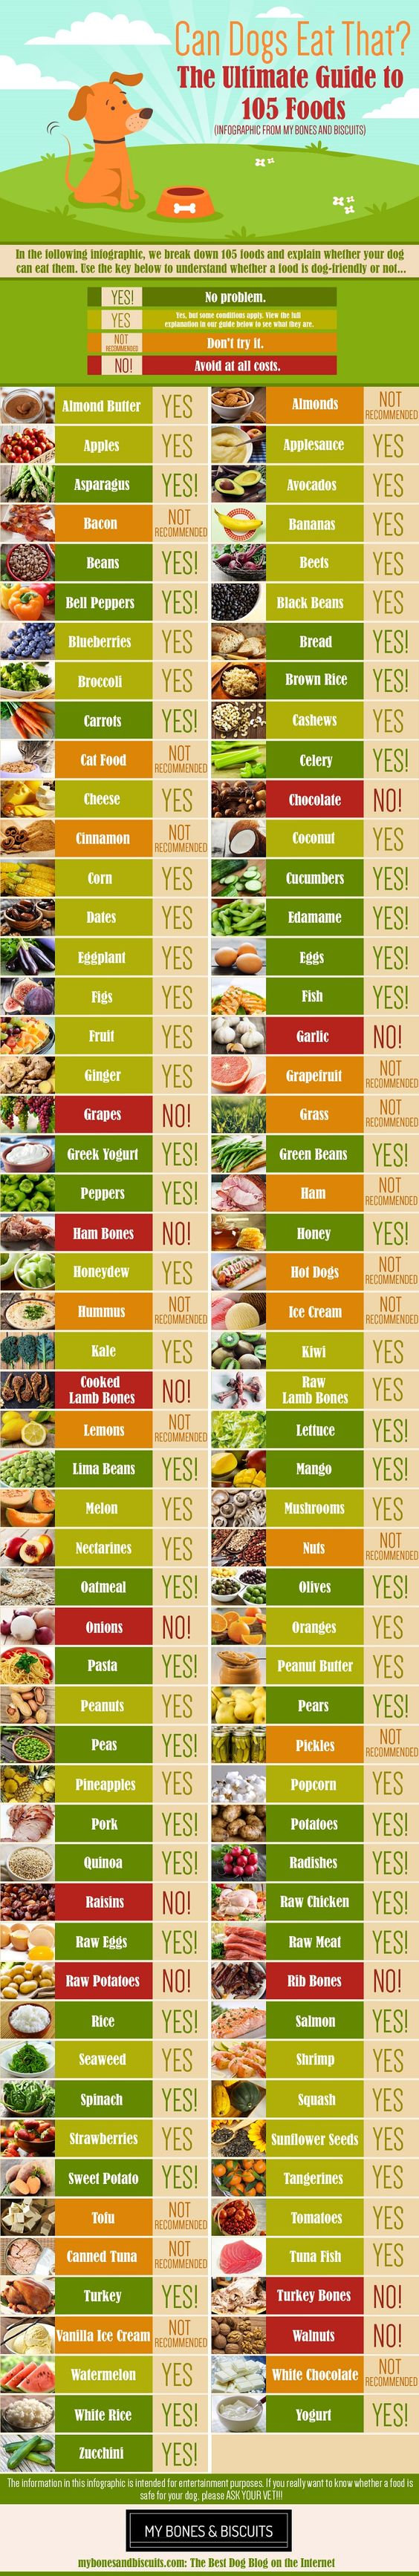 Foods safe to eat.jpg